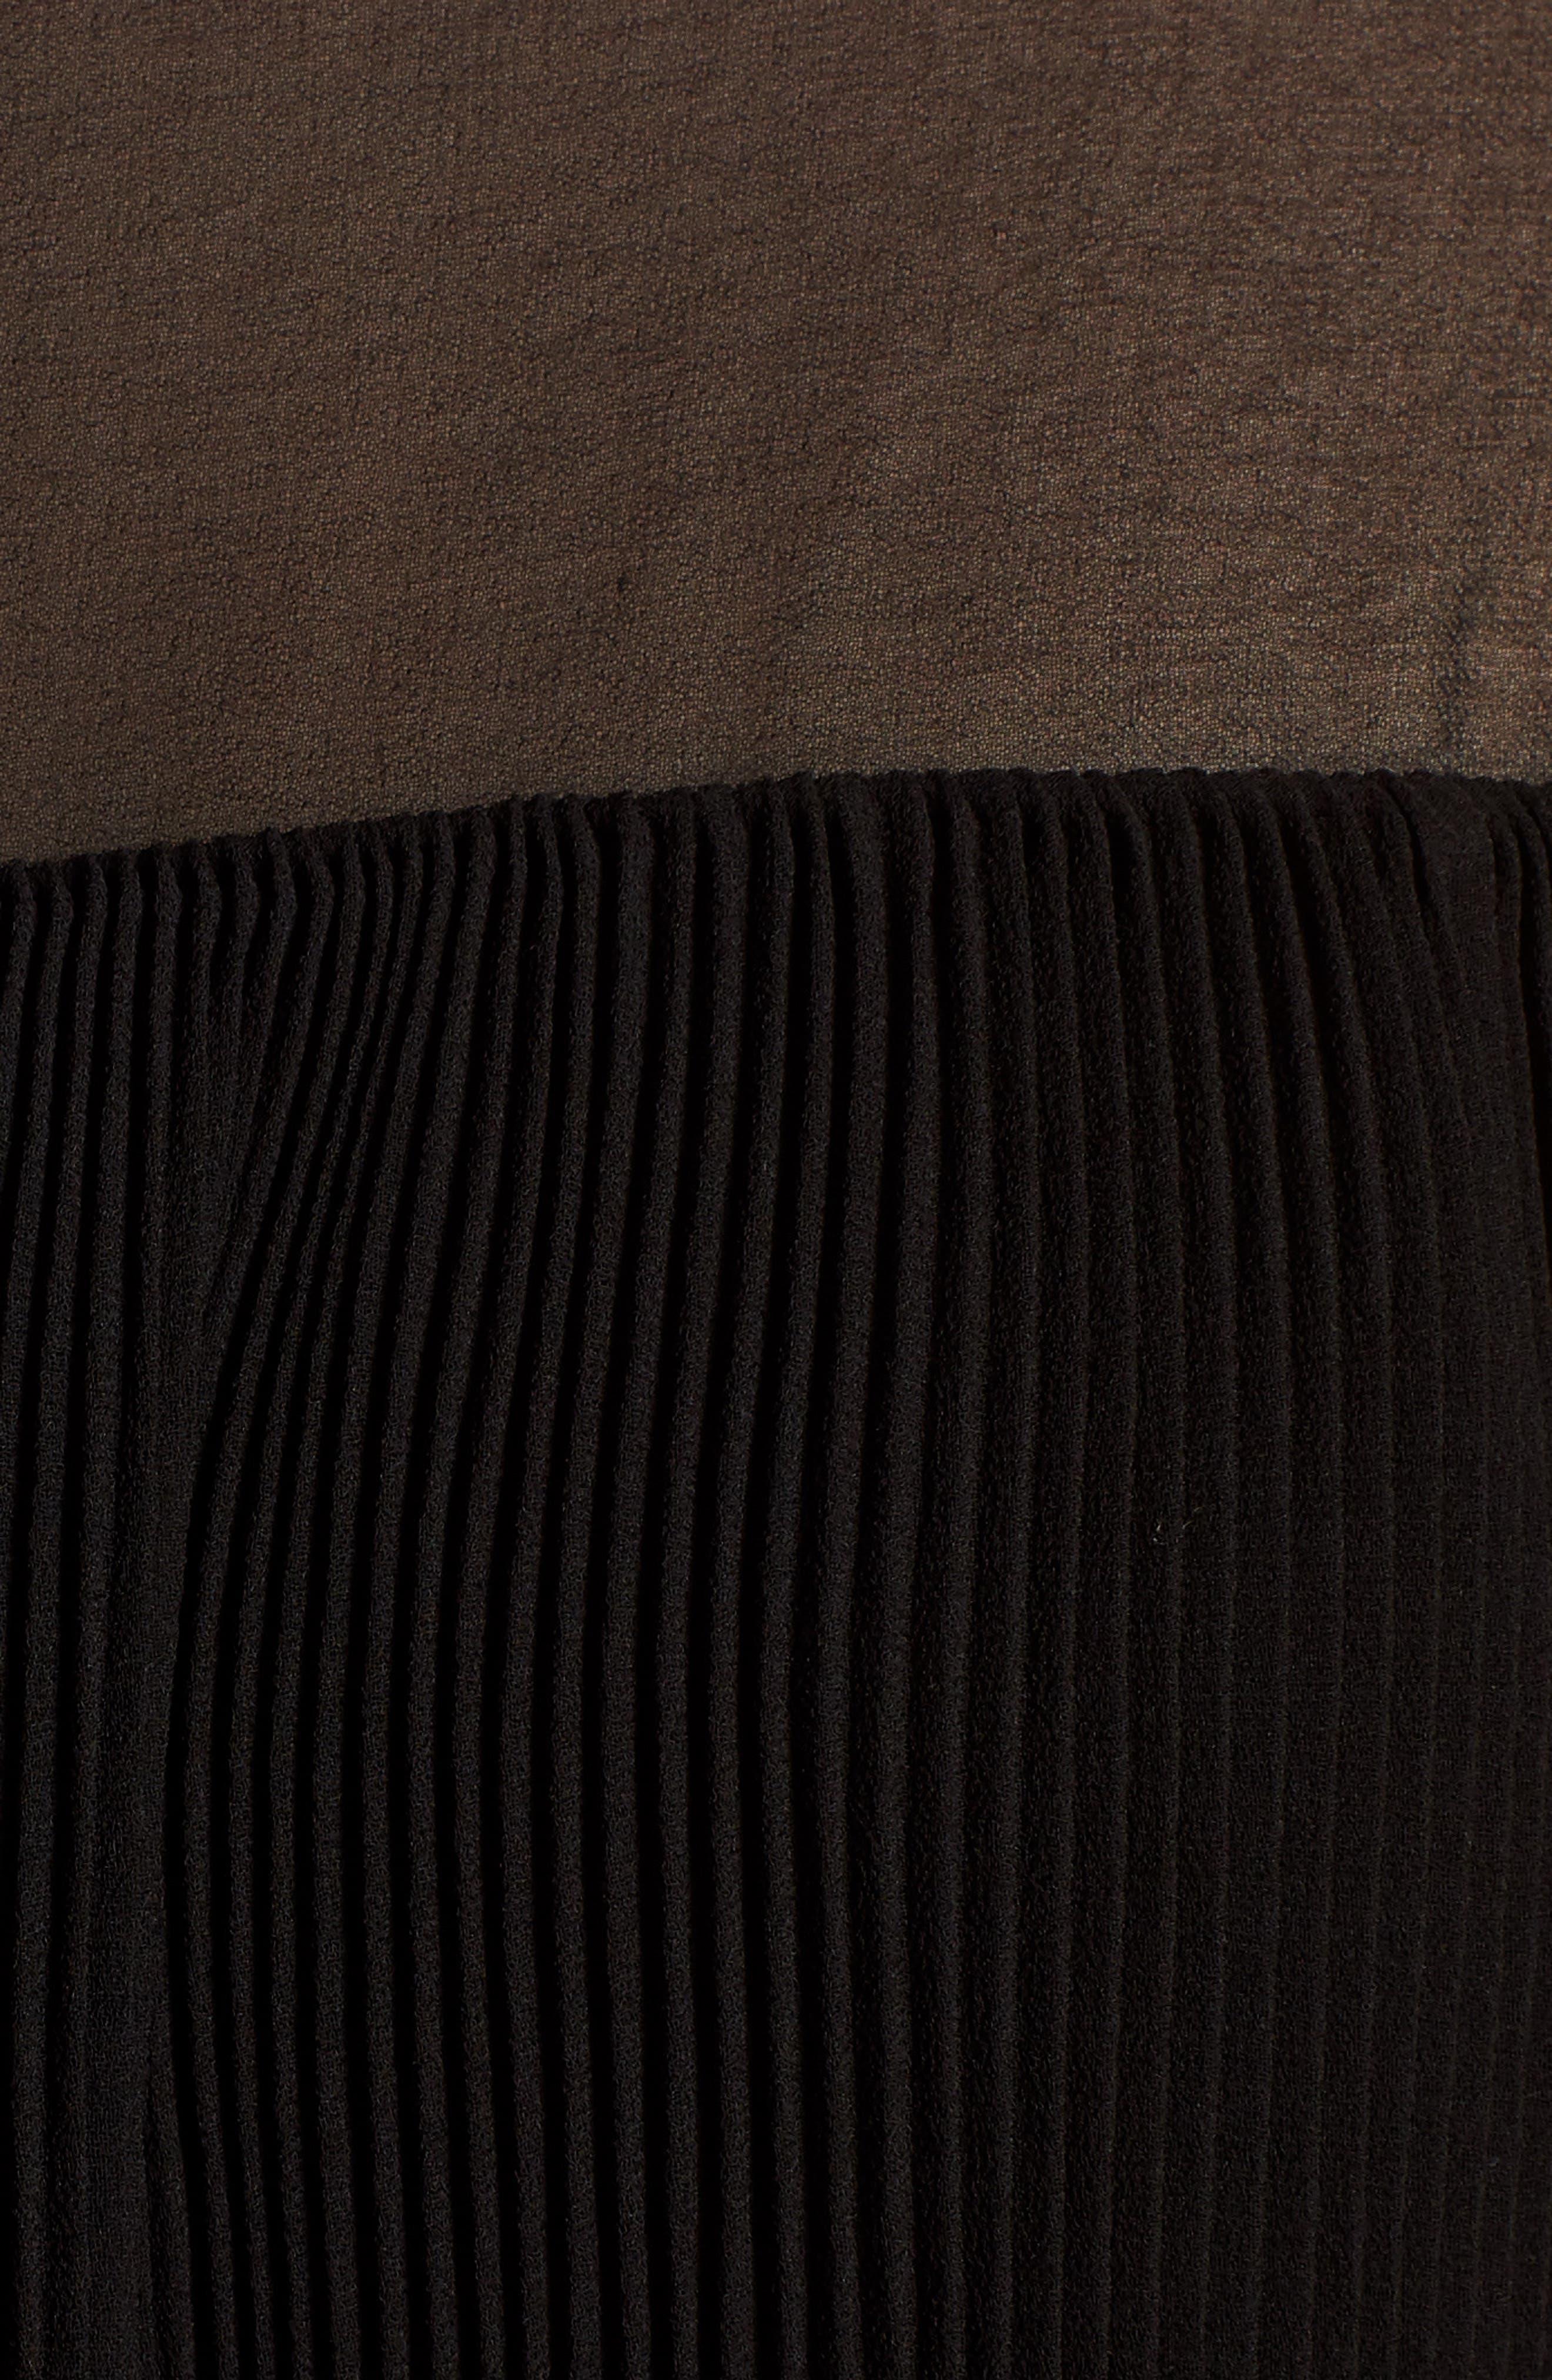 Mesh Tunic,                             Alternate thumbnail 5, color,                             Black